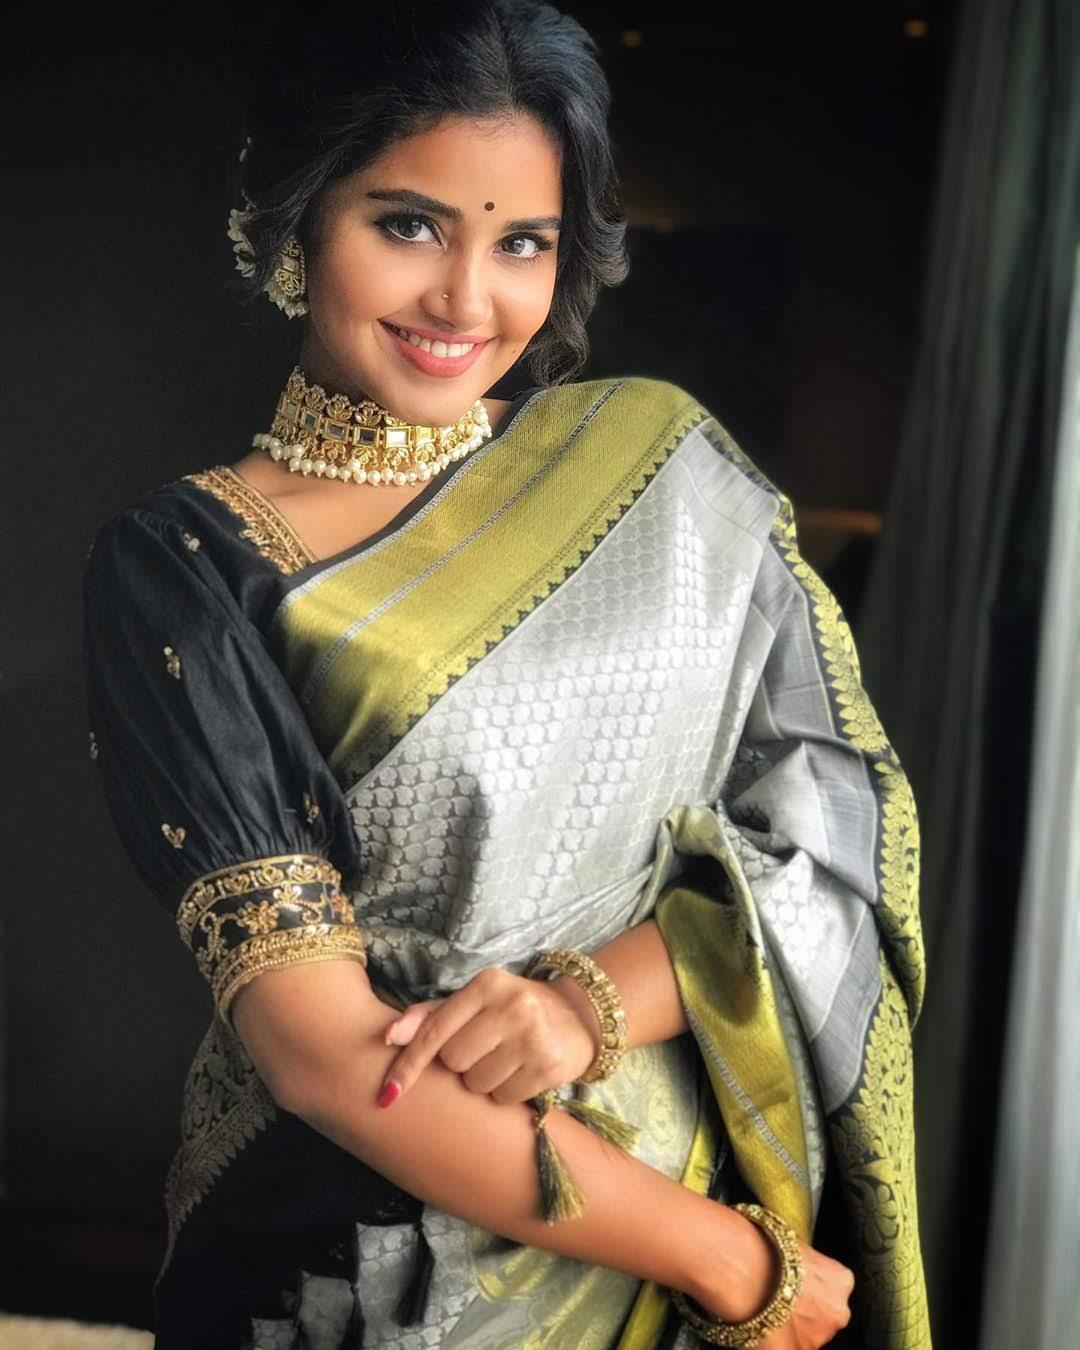 anupama_parameswaran_167